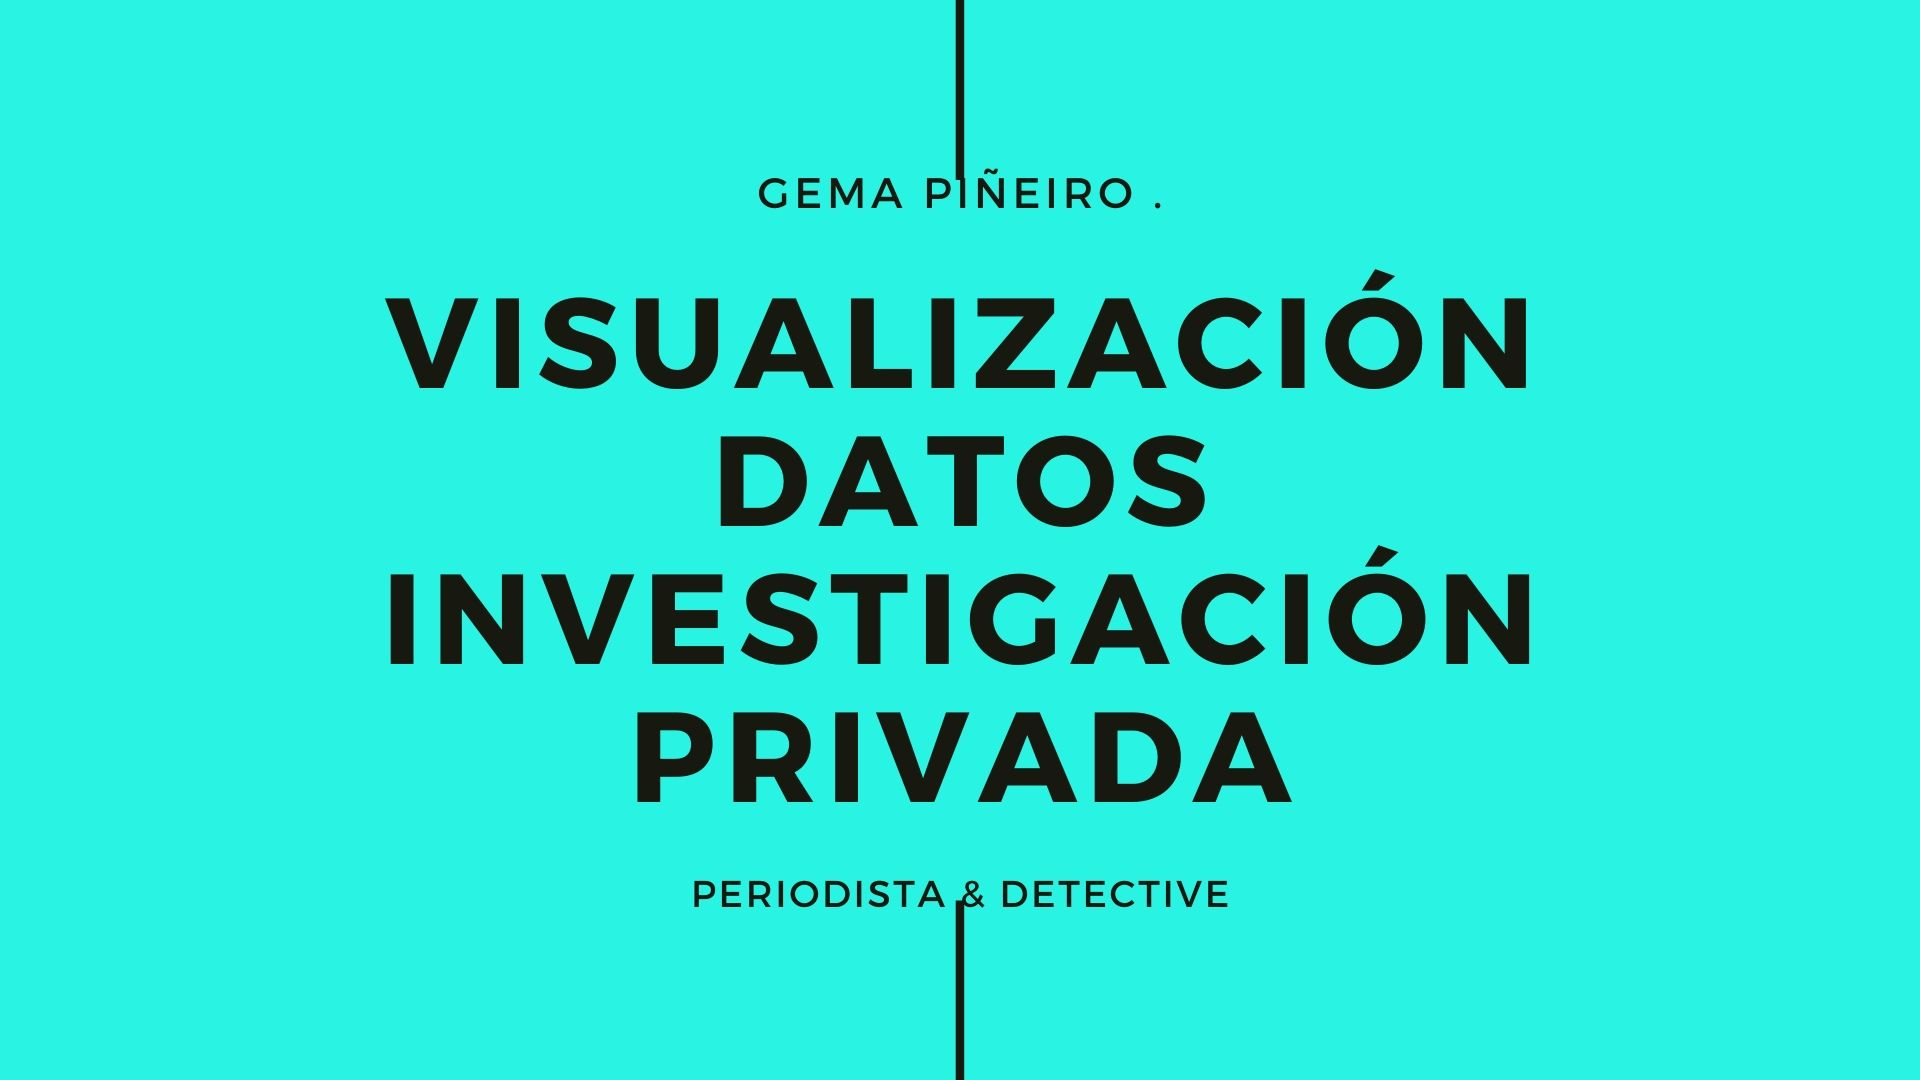 Visualización de los datos sobre investigación privada en España